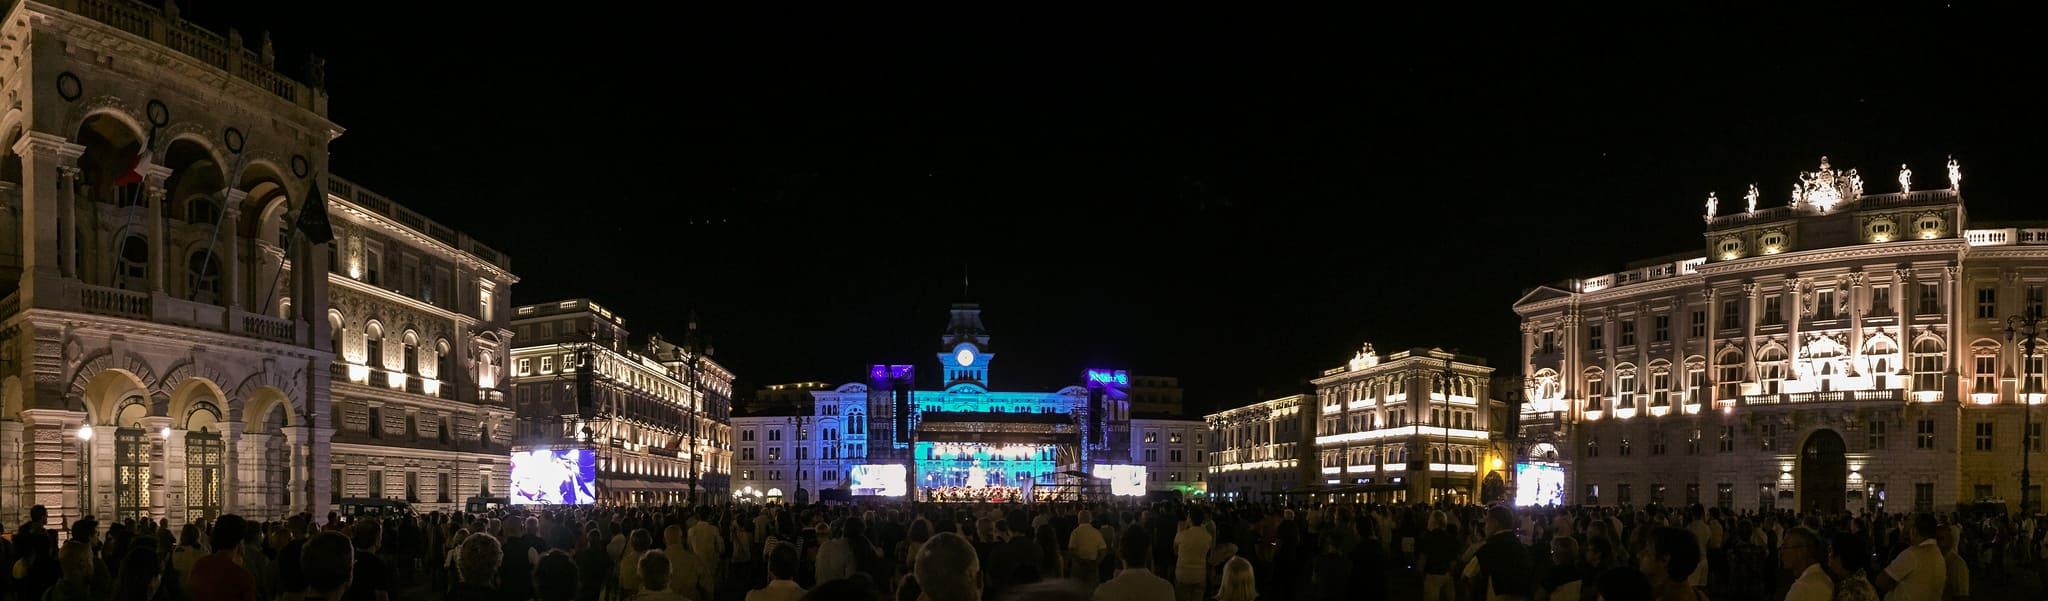 Capodanno in piazza San Marco